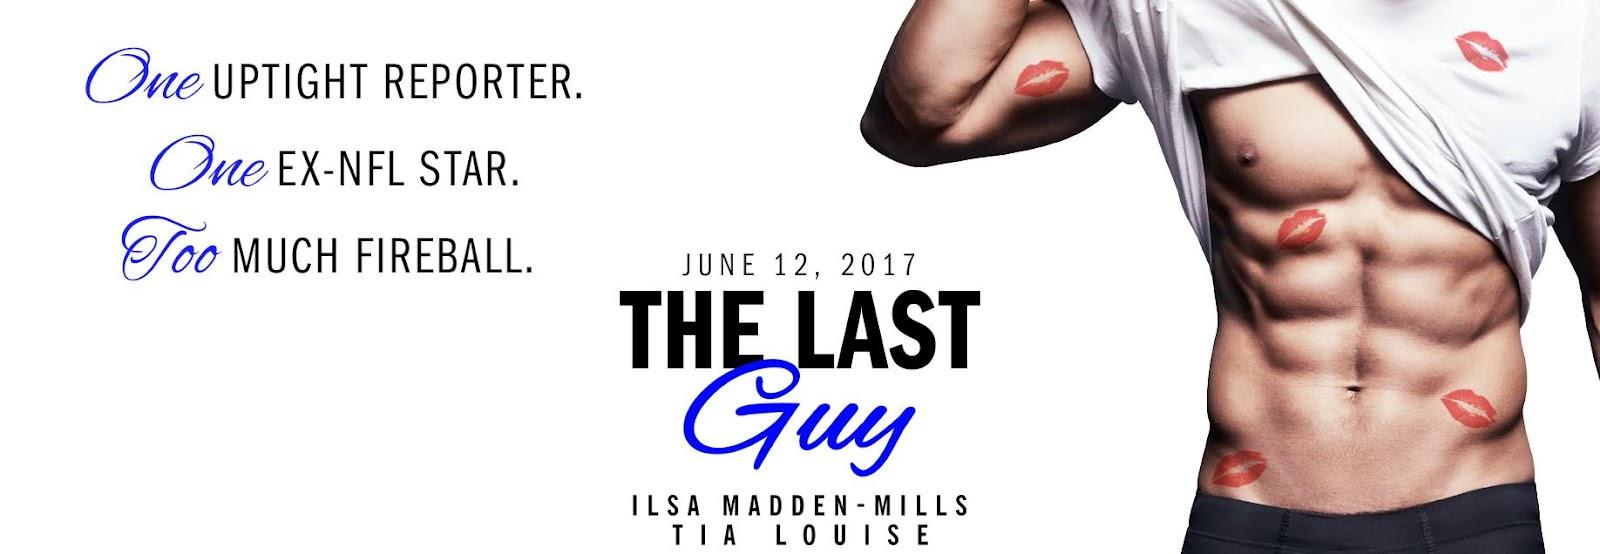 the last guy teaser 1.jpg